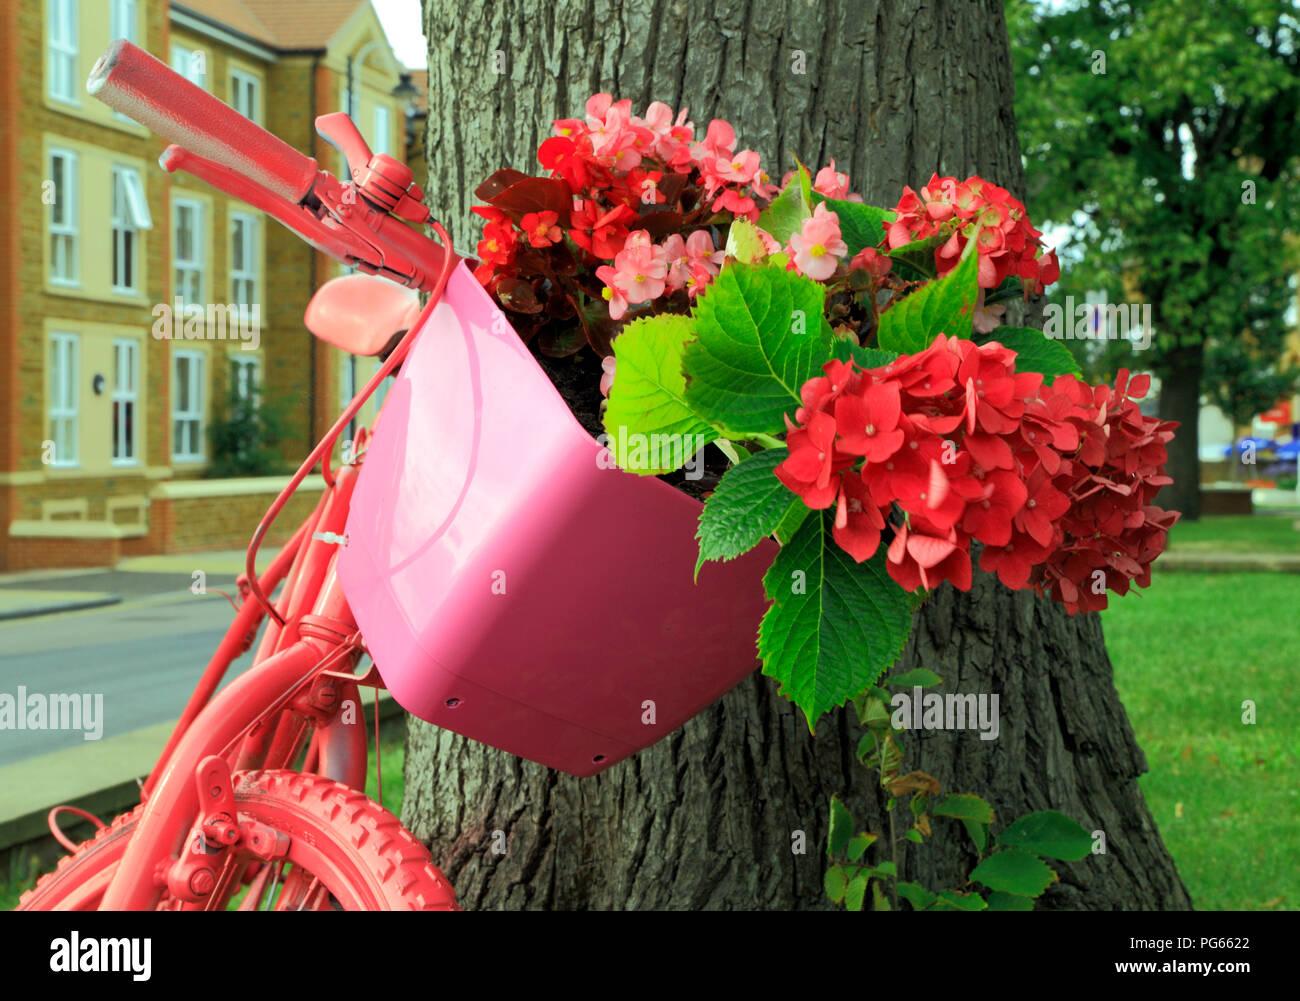 Hunstanton en fleurs, plantes inhabituelles, conteneurs de bicyclettes peints rose, rouge, rose, fleurs hortensias Photo Stock